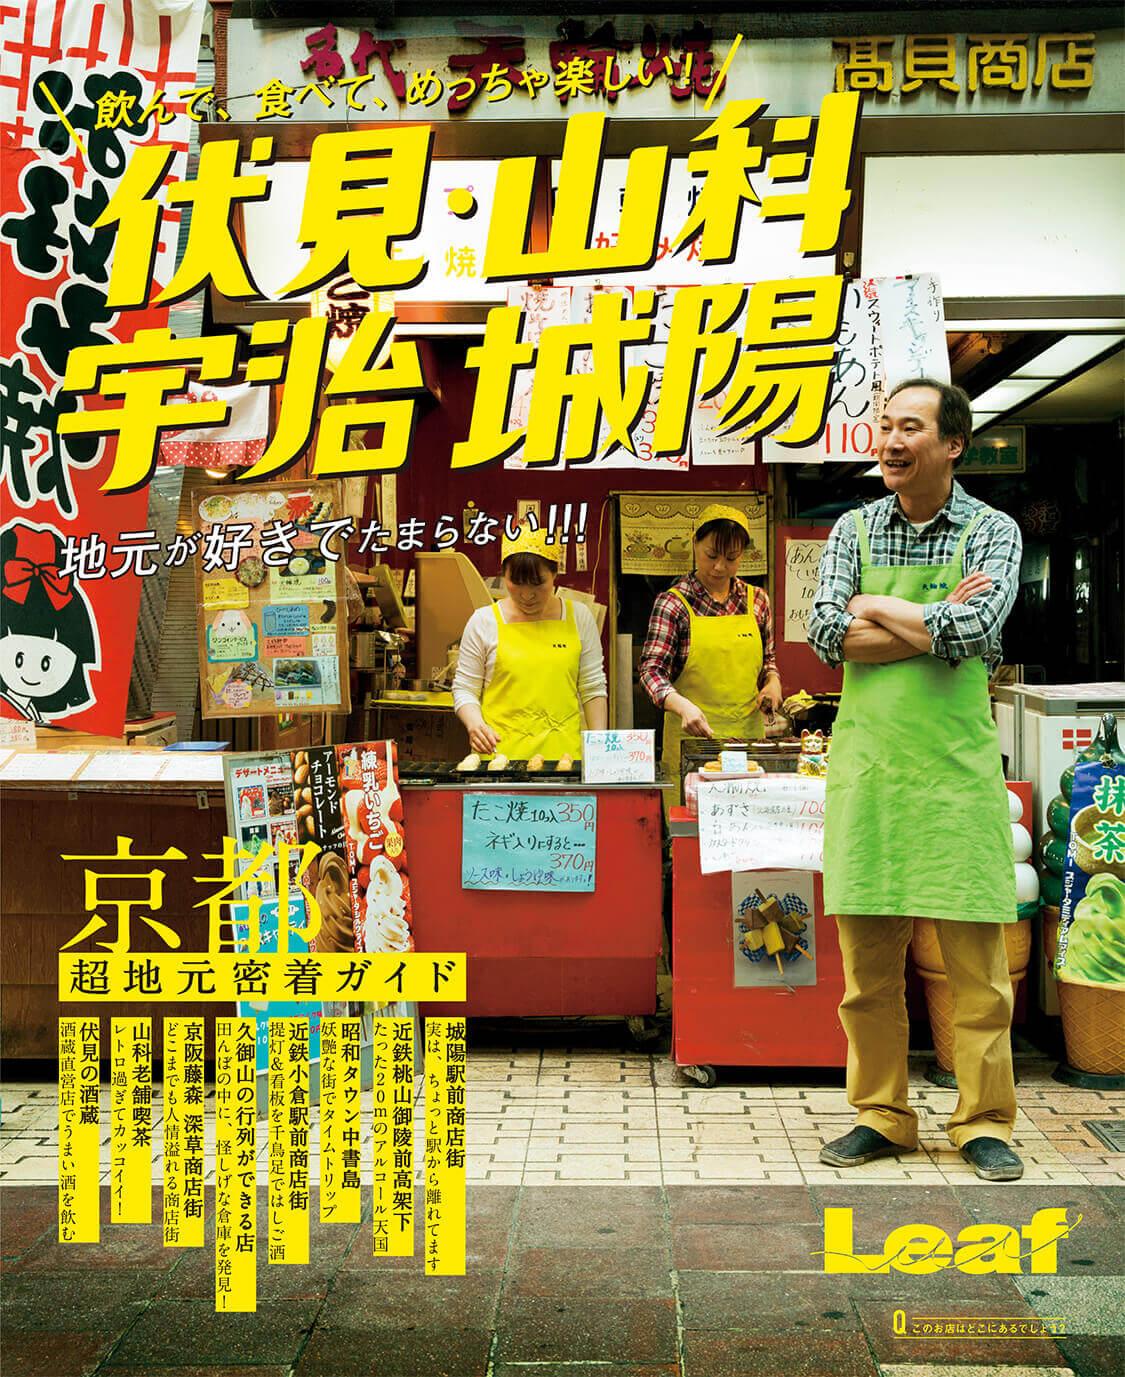 LeafMOOK 【書籍】飲んで、食べて、めっちゃ楽しい! 伏見・山科 宇治 城陽